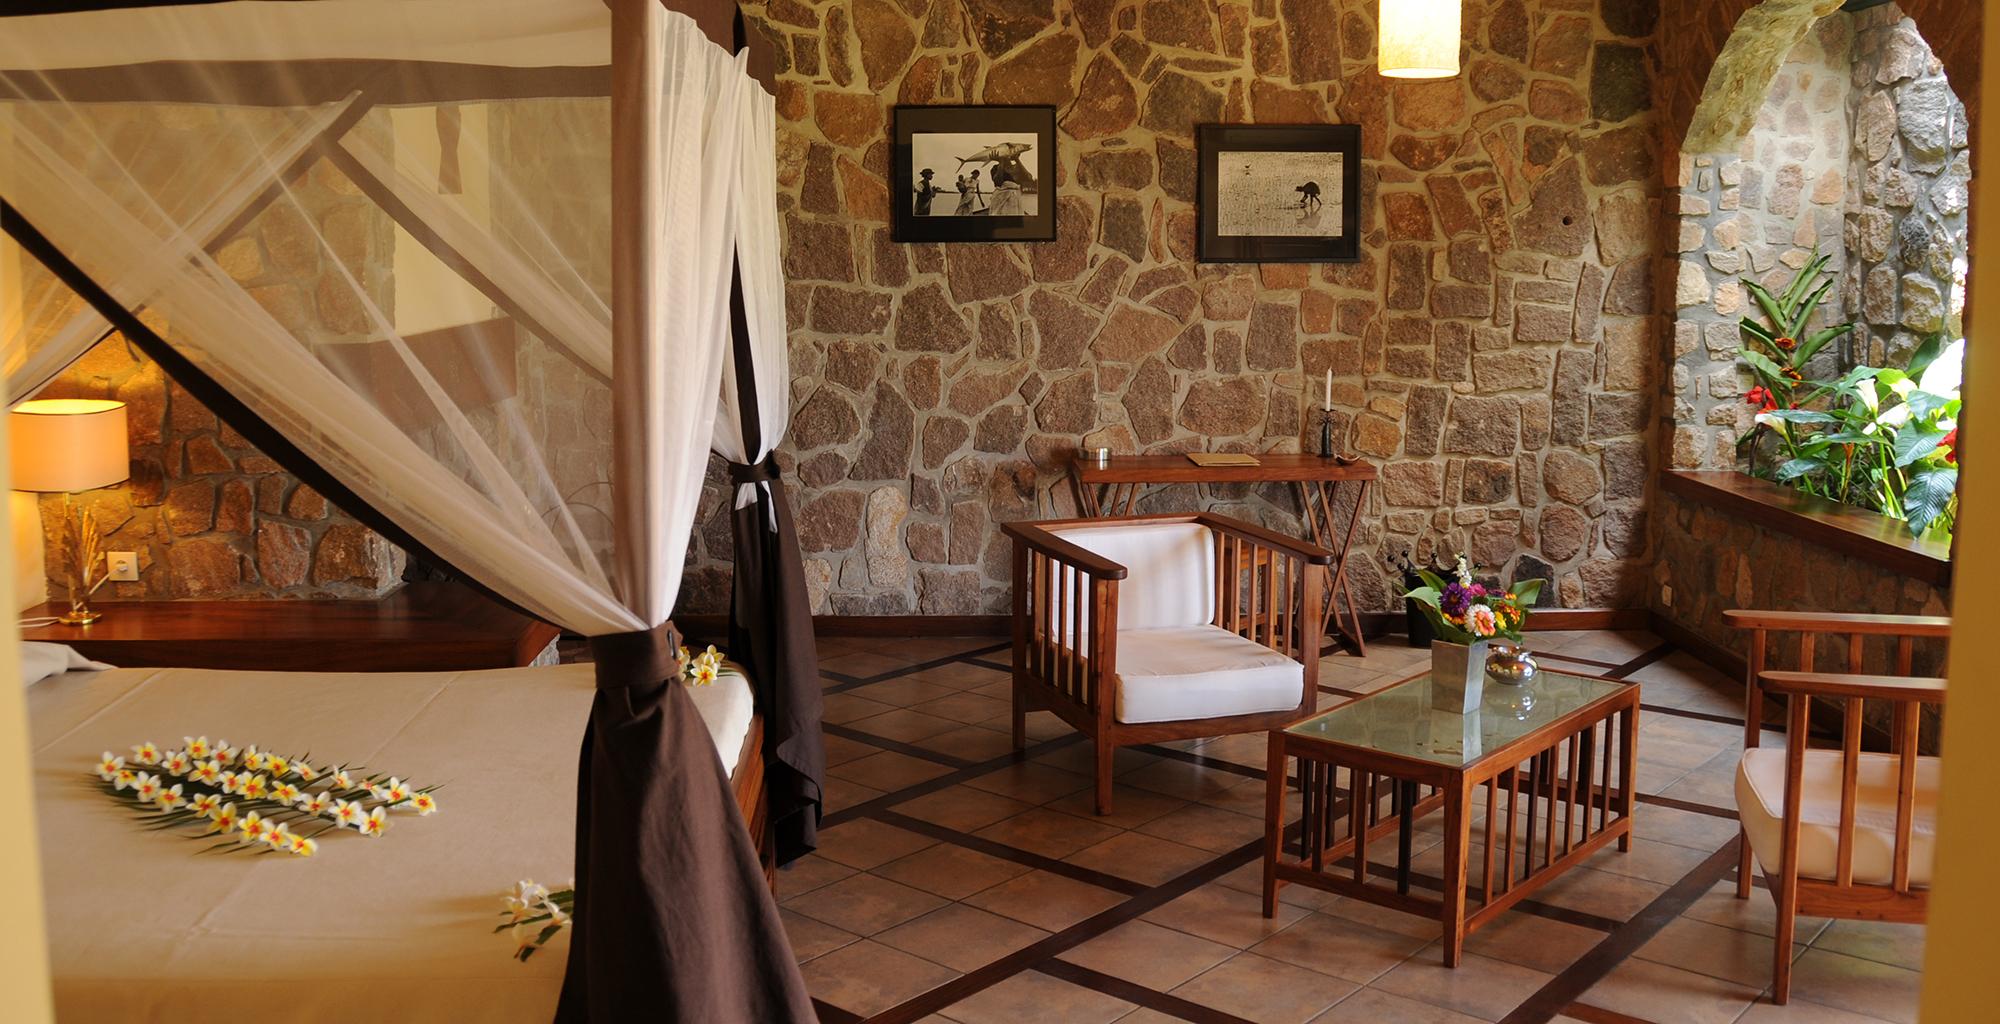 Madagascar-Relais-de-la-Reine-Bedroom